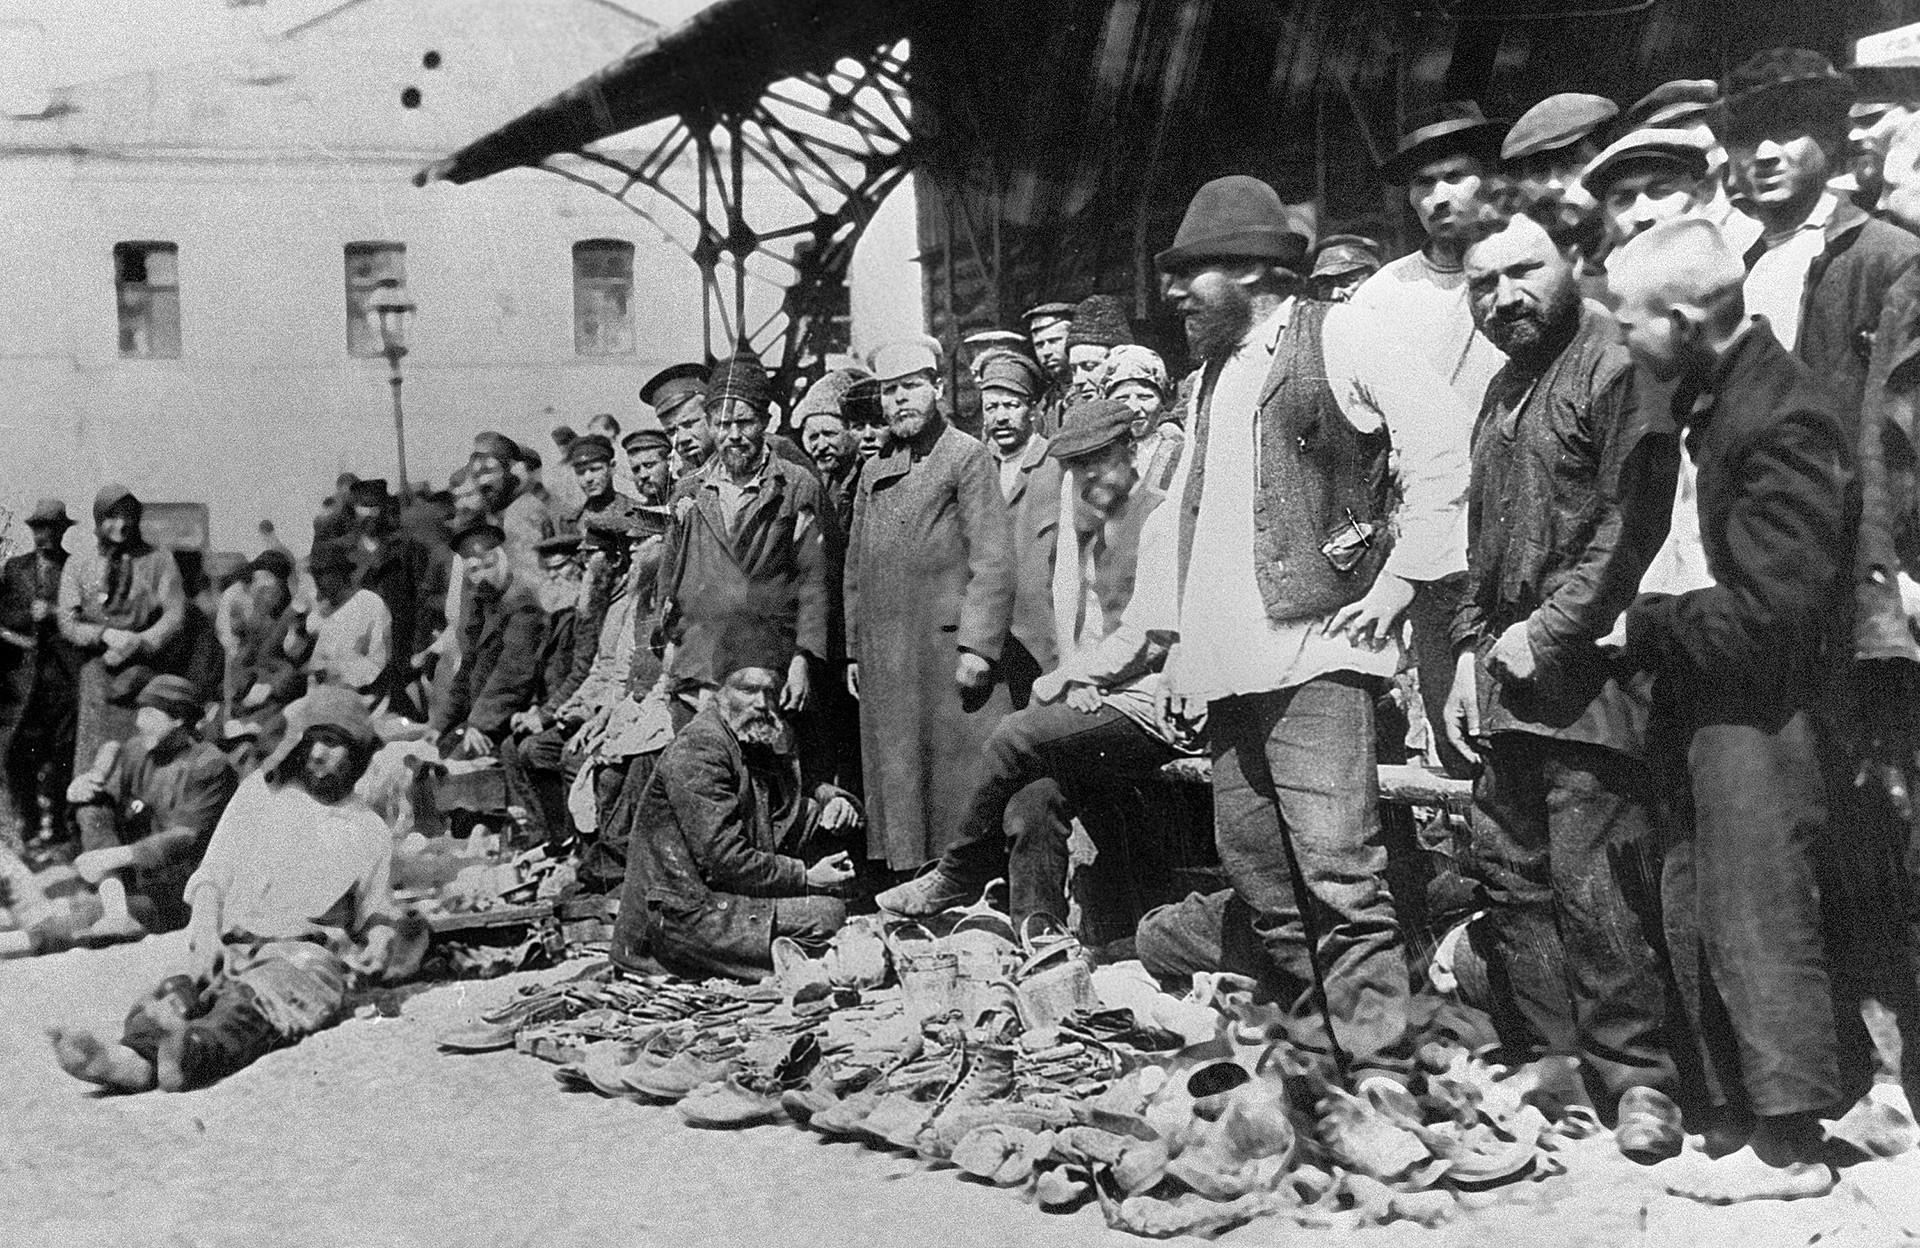 Sapatos à venda no mercado de Hitrovskiy, em Moscou. Este era o lugar onde muitos criminosos vinham 'procurar' emprego